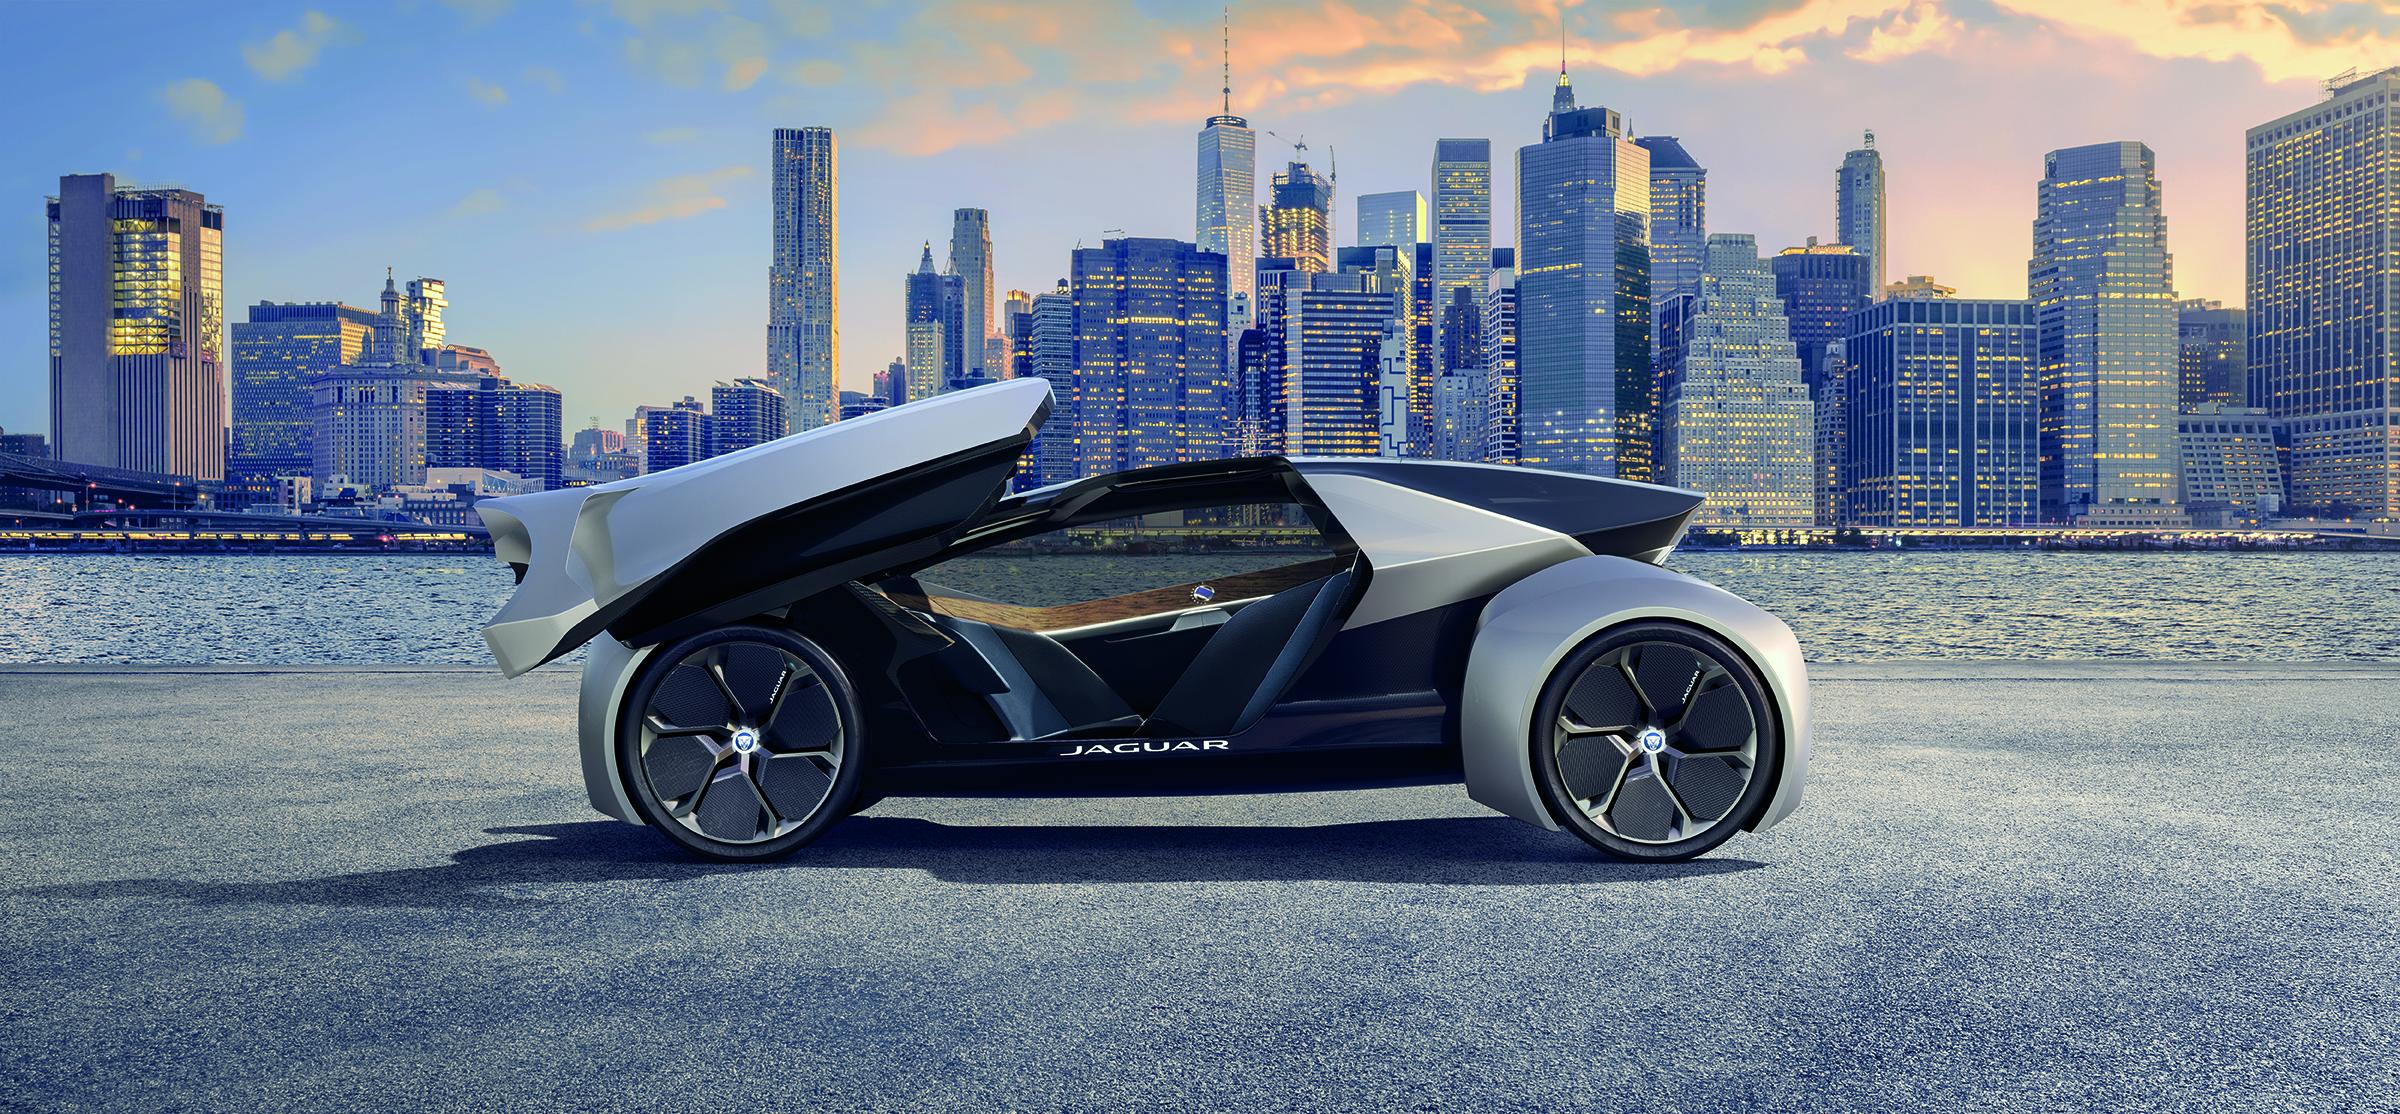 Future-Type representerer fremtidskonseptet til Jaguar Land Rover.